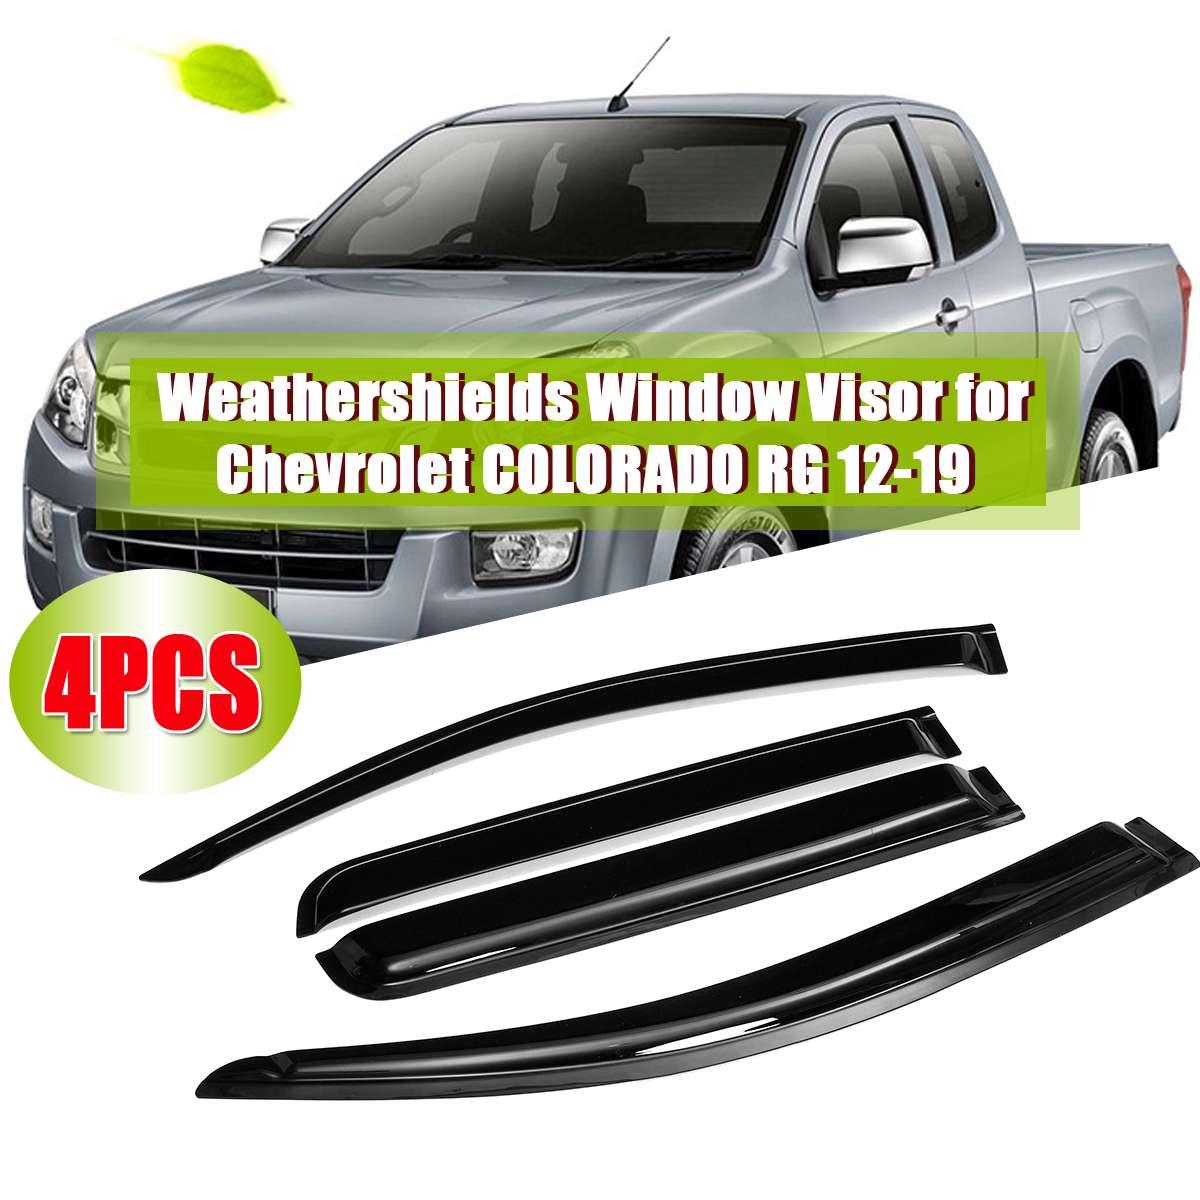 WIND VISOR RAIN WEATHER GUARD FOR 4 DOOR CHEVROLET CHEVY HOLDEN COLORADO 2012